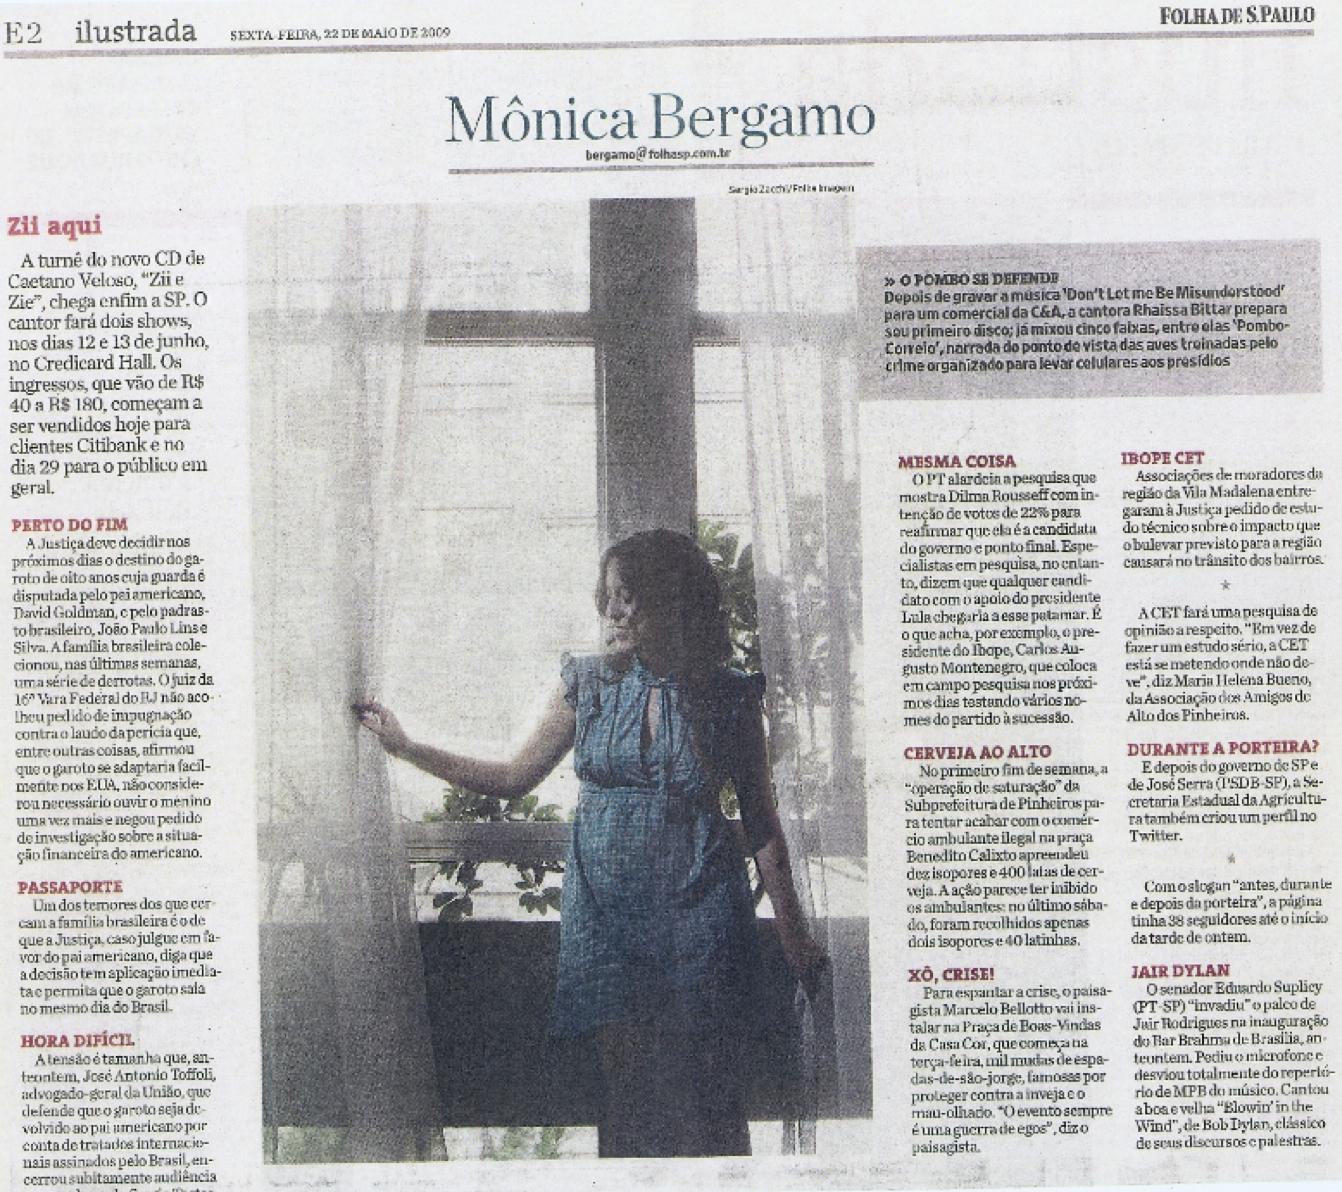 2009 - Folha de S. Paulo